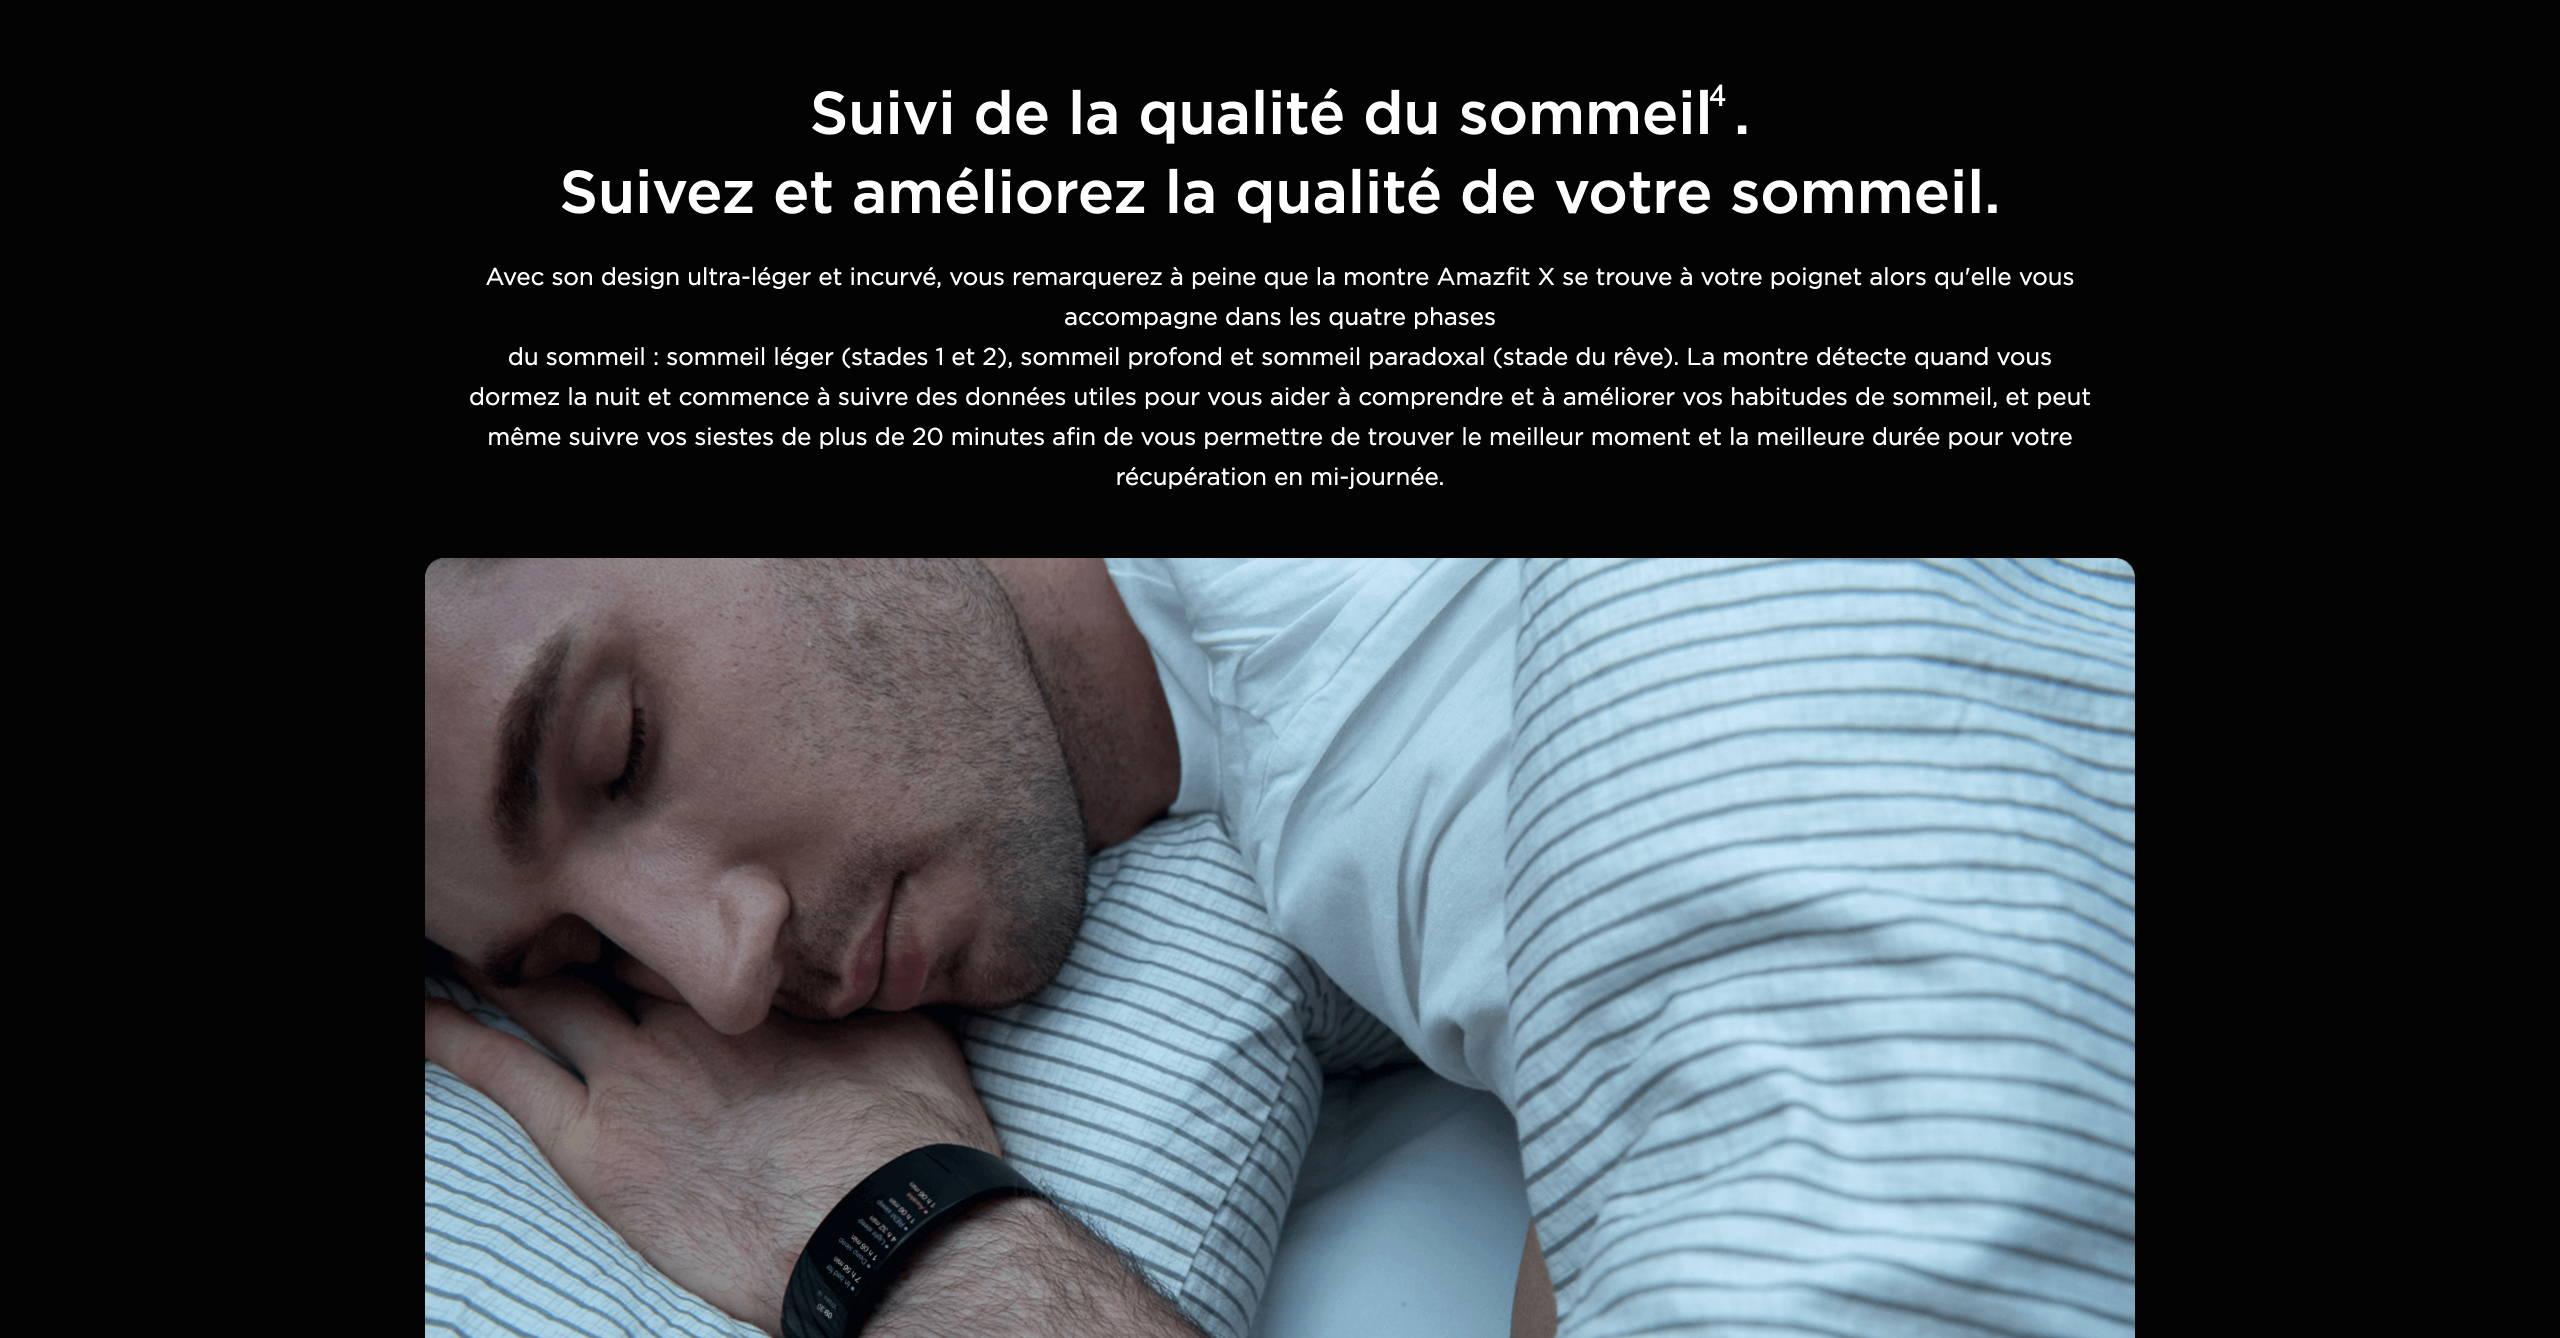 Amazfit X - Suivi de la qualité du sommeil. Suivez et améliorez la qualité de votre sommeil.